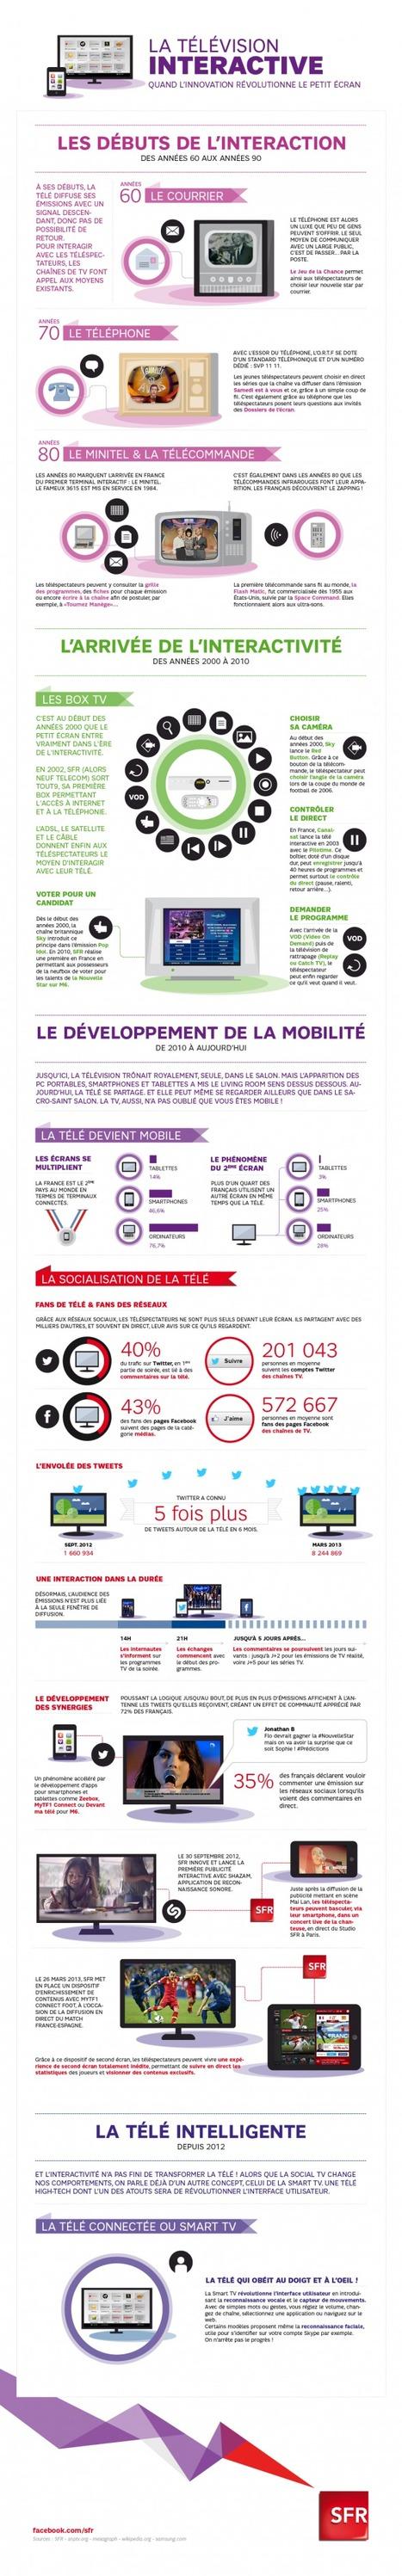 L'évolution de la Télévision Interactive | Révolution numérique & paysage audiovisuel | Scoop.it